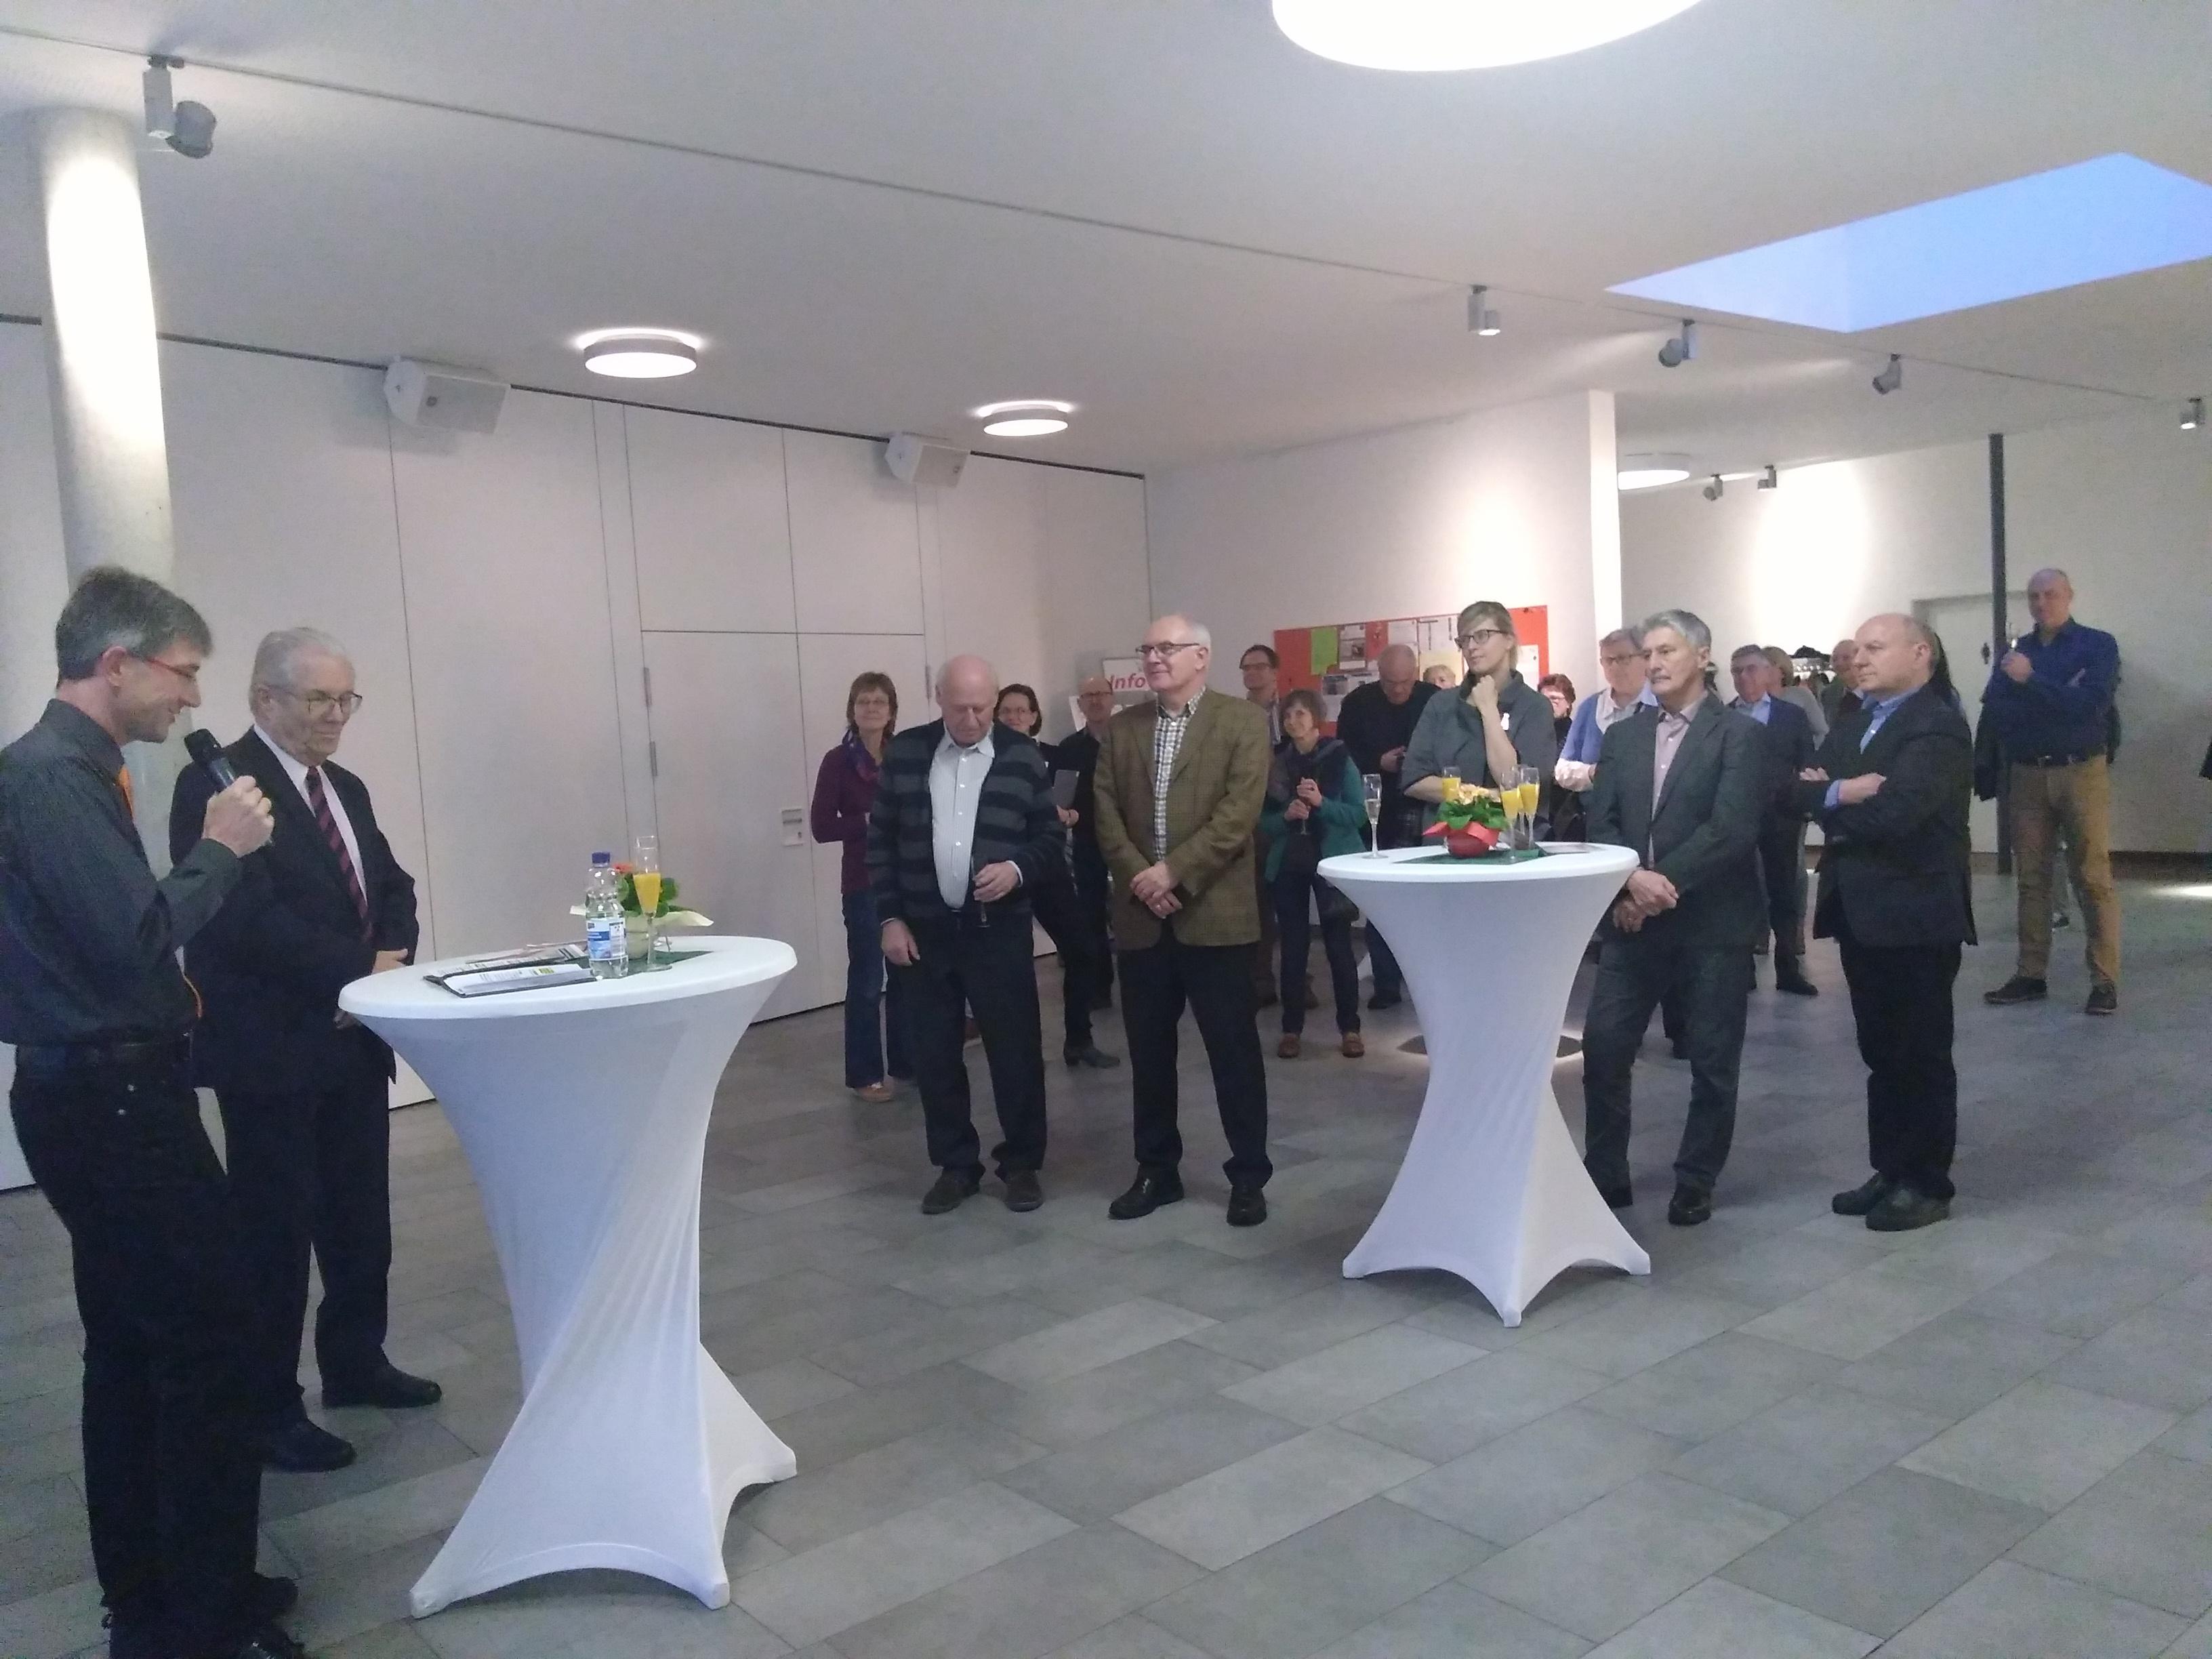 Erlebnisausstellung zum Grundgesetz bei der Landeskirchlichen Gemeinschaft Pfuhl